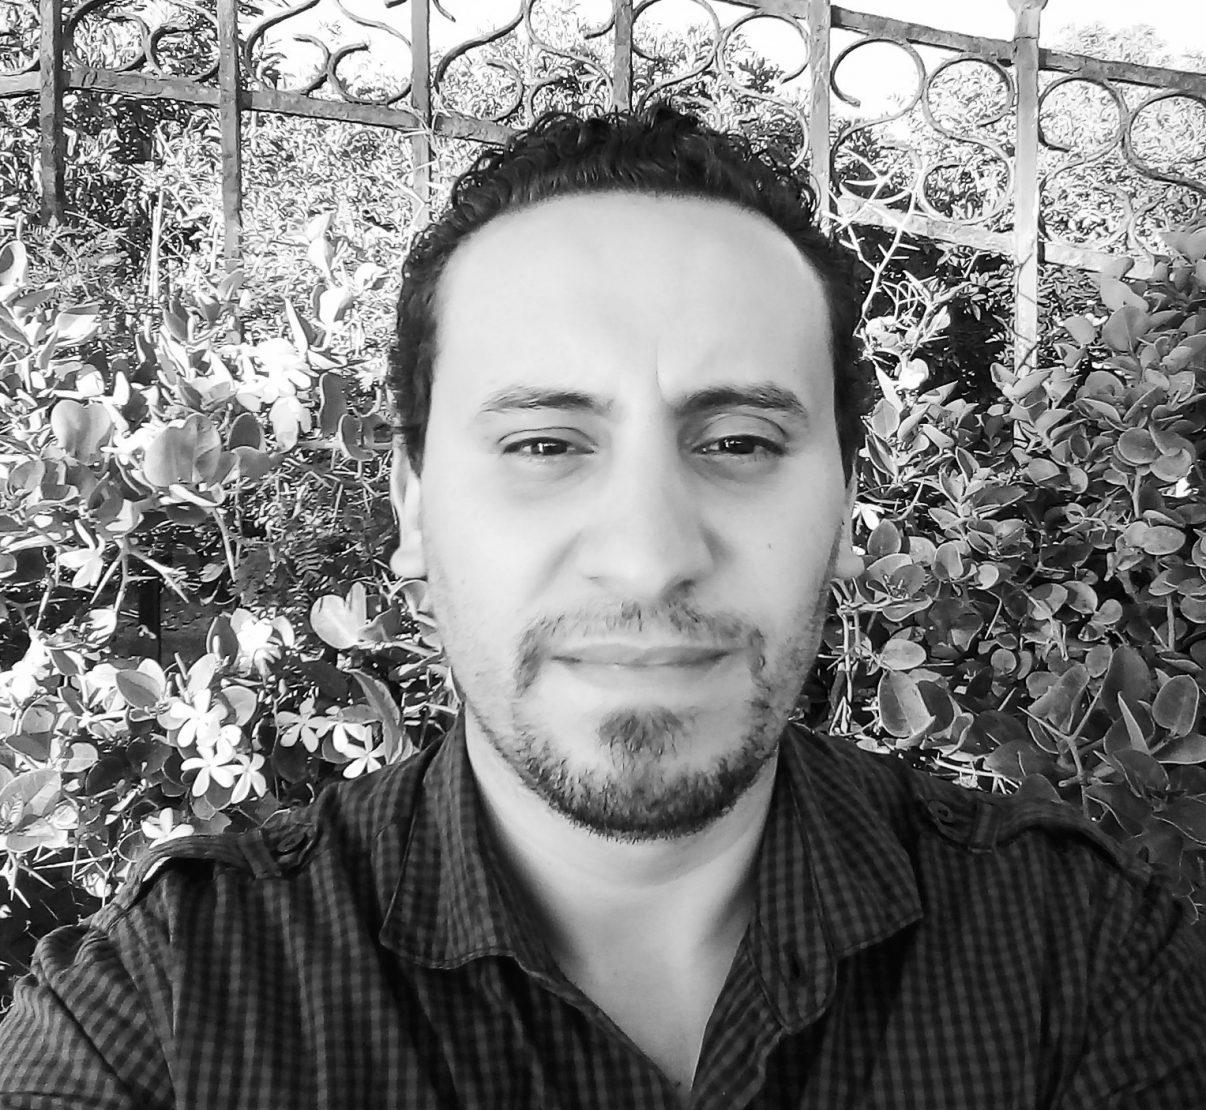 سعيد ولفقير - صحافي مغربي